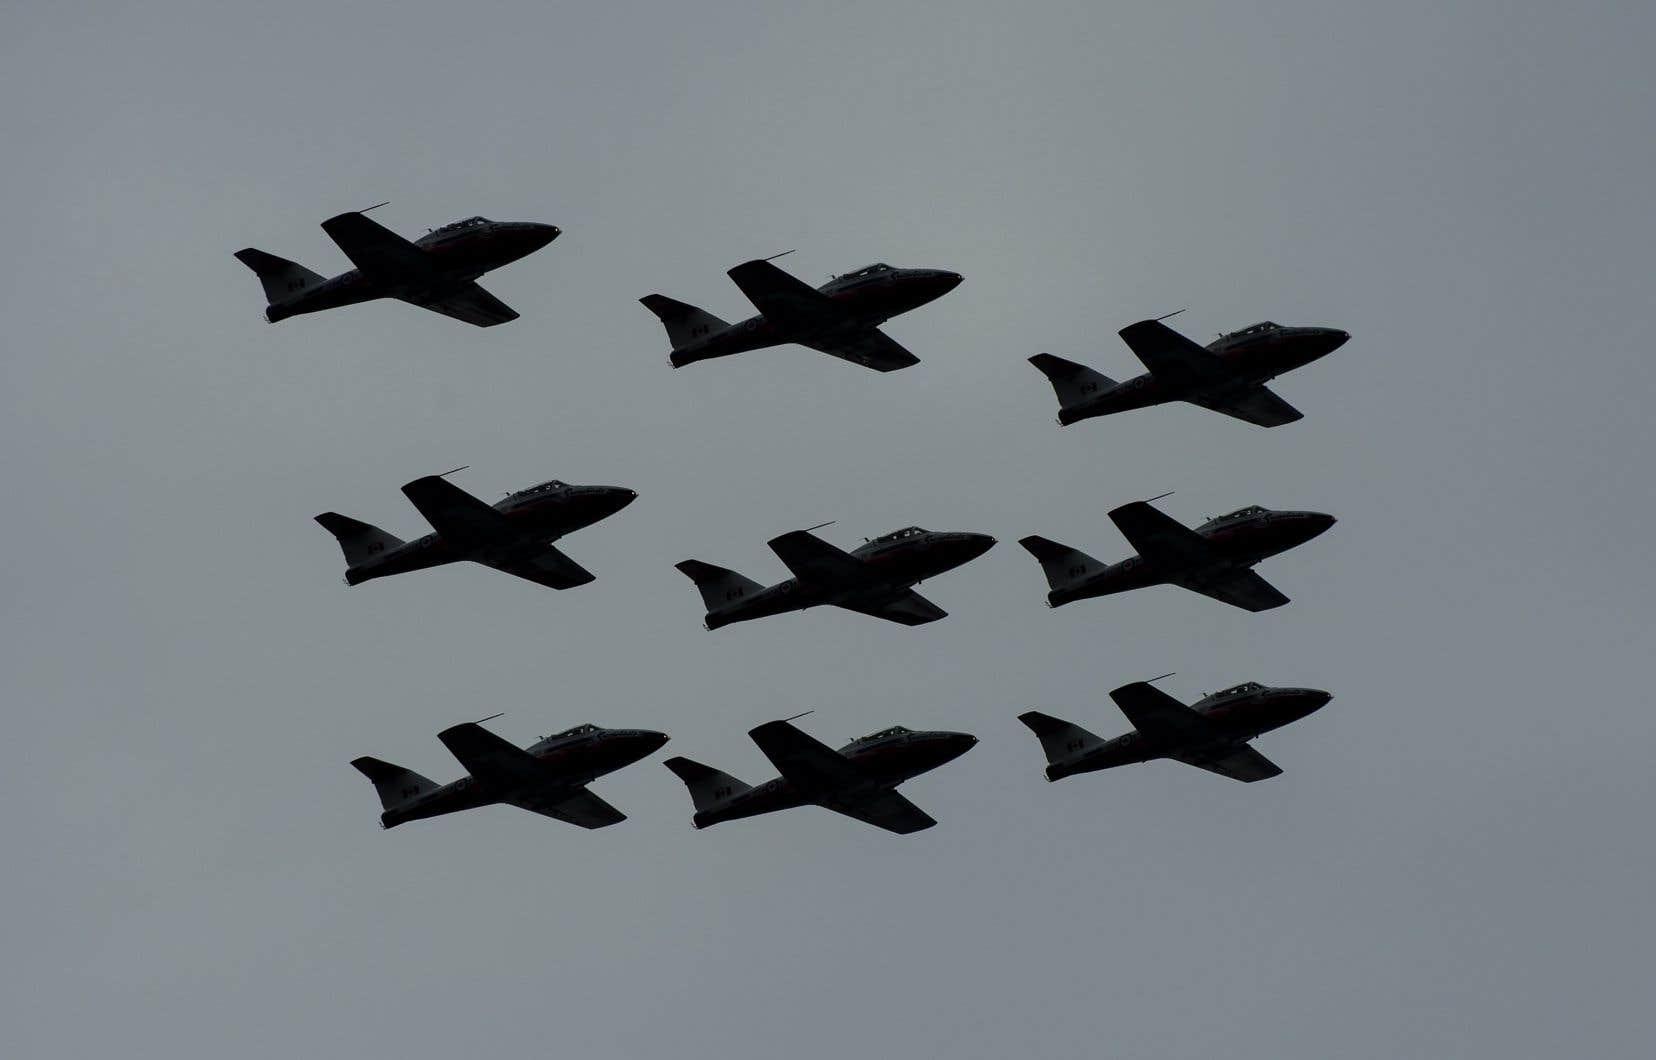 <p>Les Snowbirdsdevaientvoler de Kamloops à Vernon dans le cadre de sa tournée pancanadienne «Opération Inspiration» visant à saluer les Canadiens qui soutiennent la lutte contre la propagation de la COVID-19.</p>